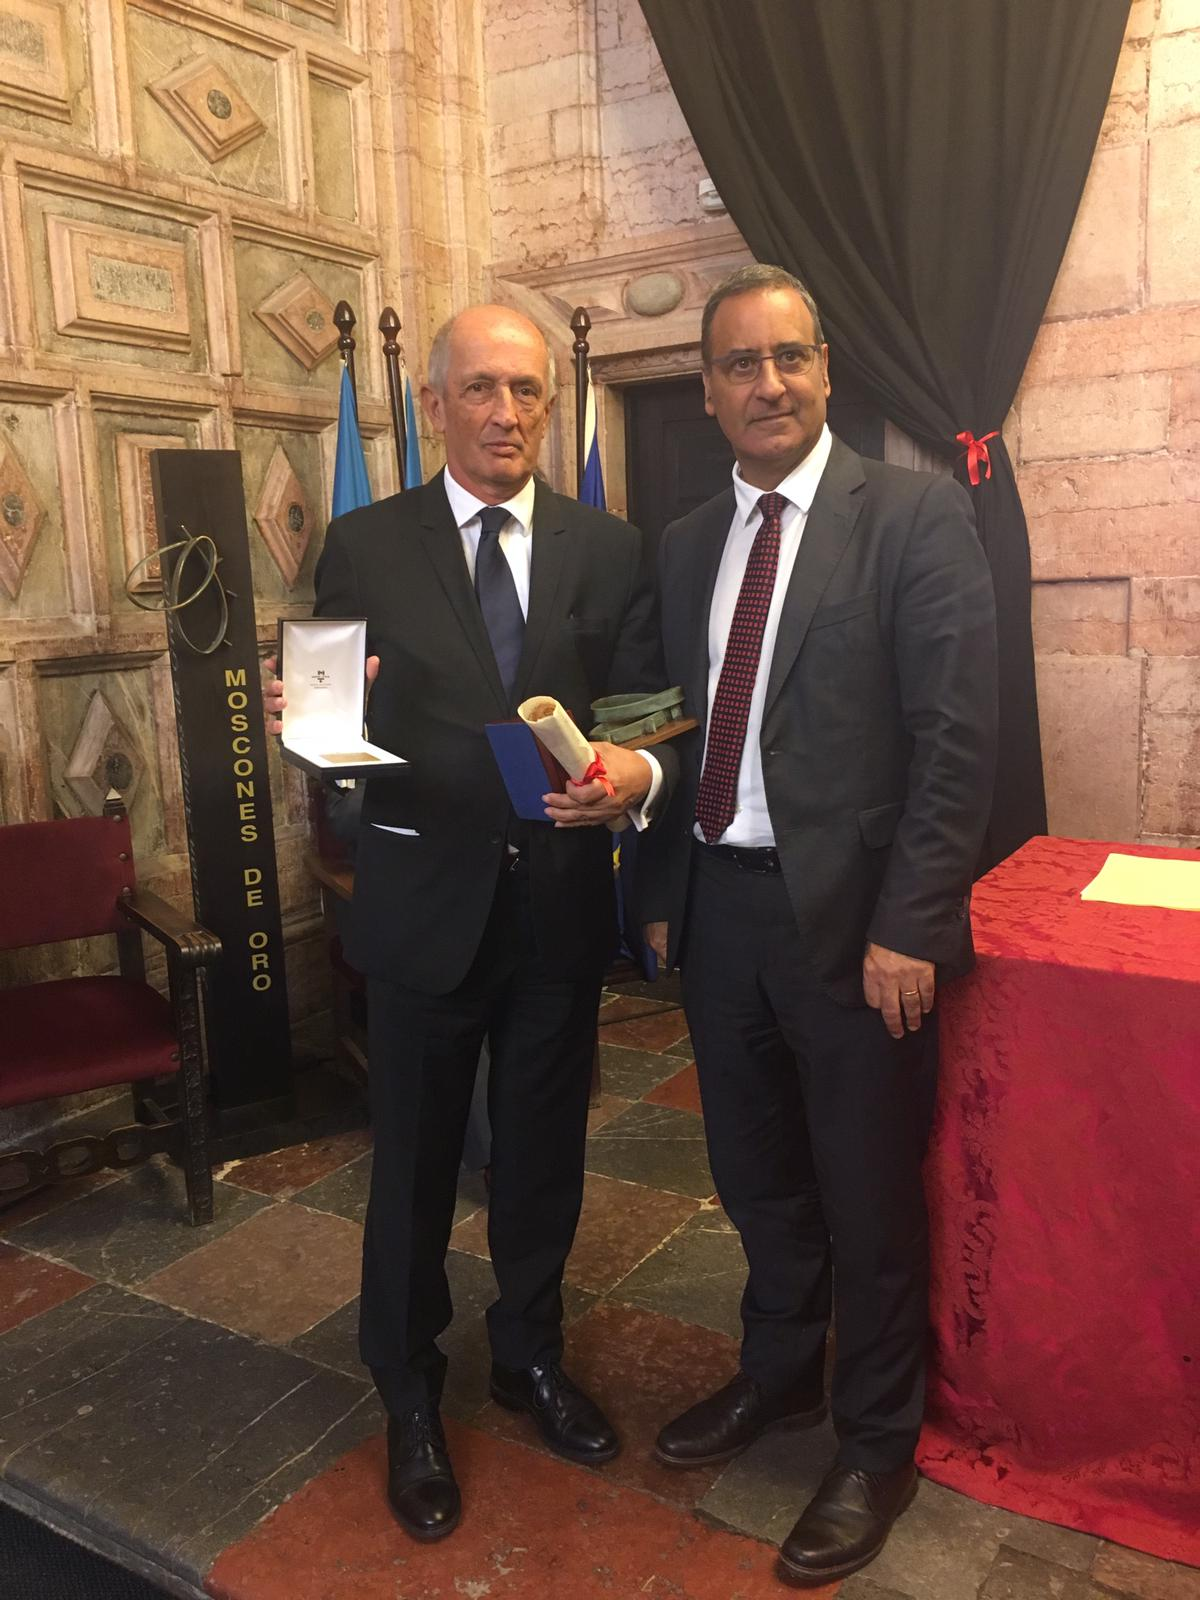 La fundación recogió el Moscón de Oro nacional e internacional